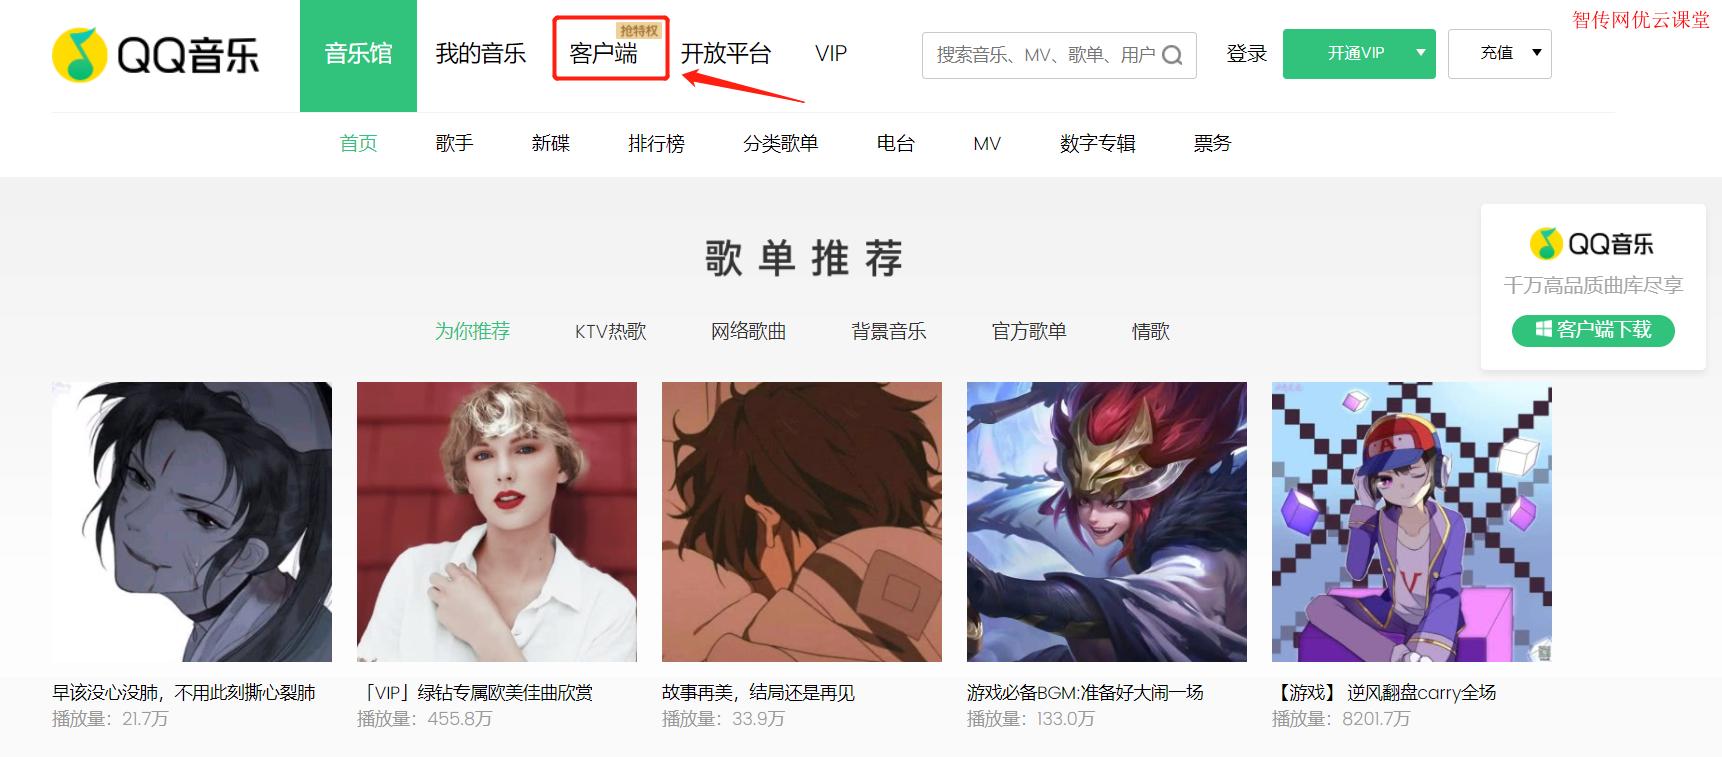 在腾讯QQ音乐官网上找到客户端下载入口